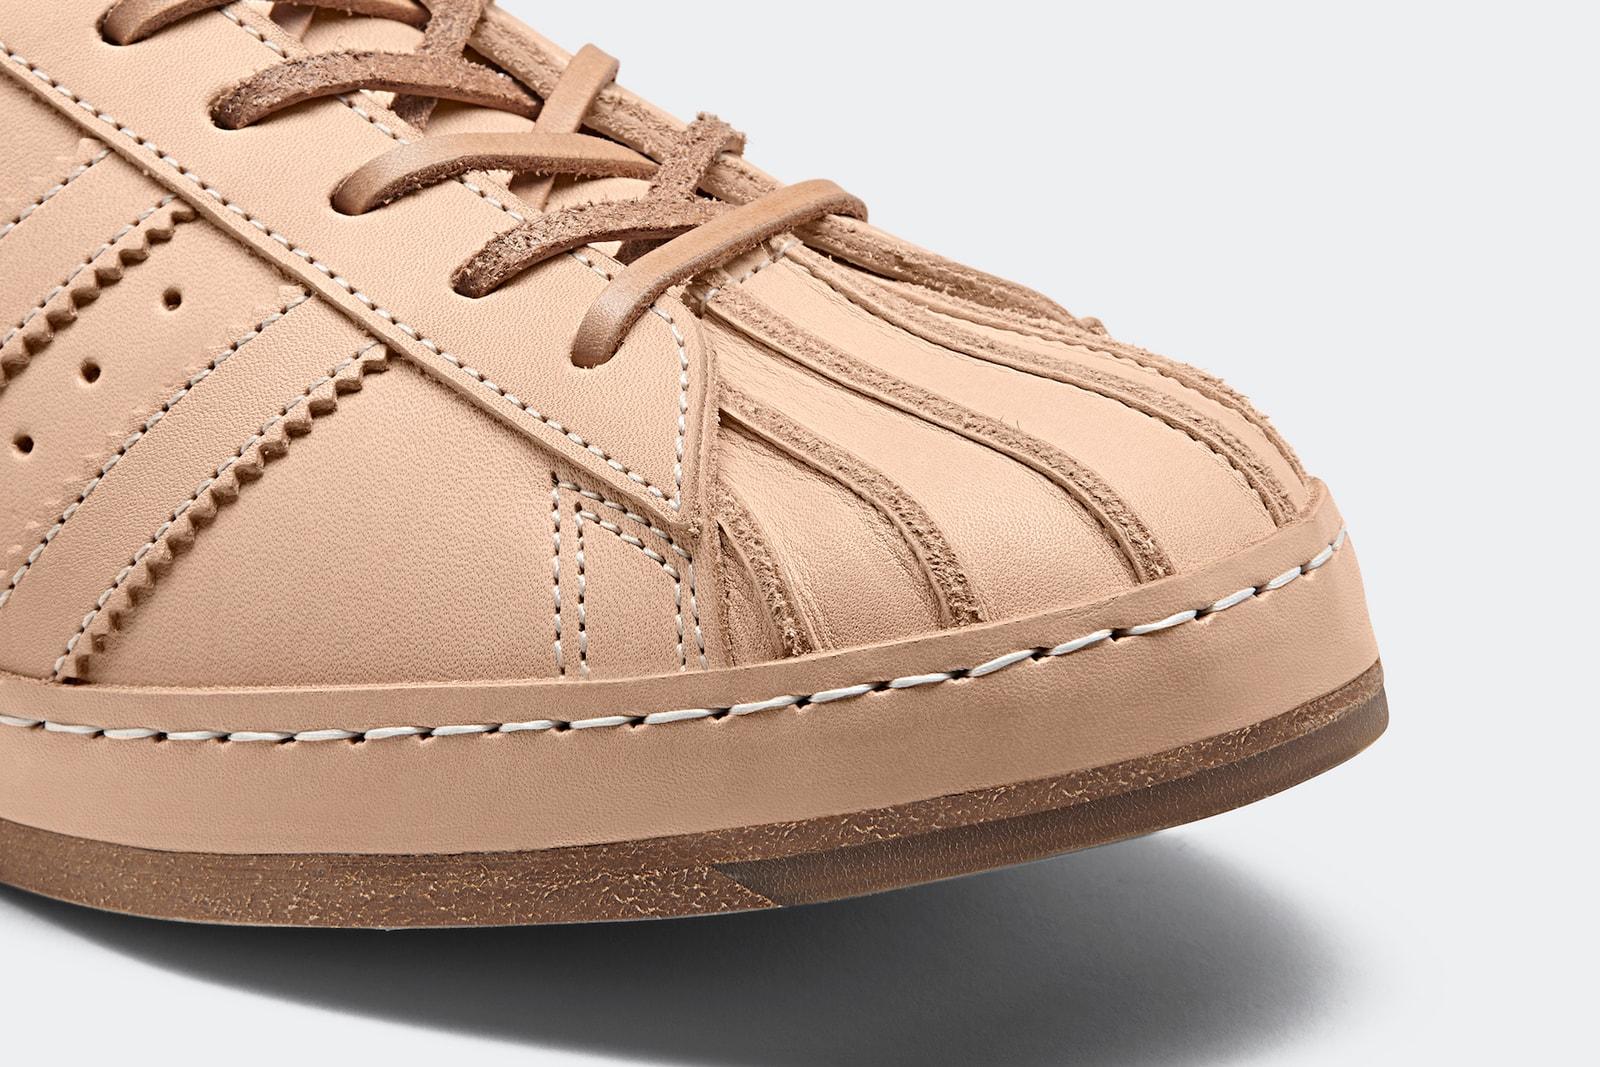 adidas Originals by Hender Scheme Collection